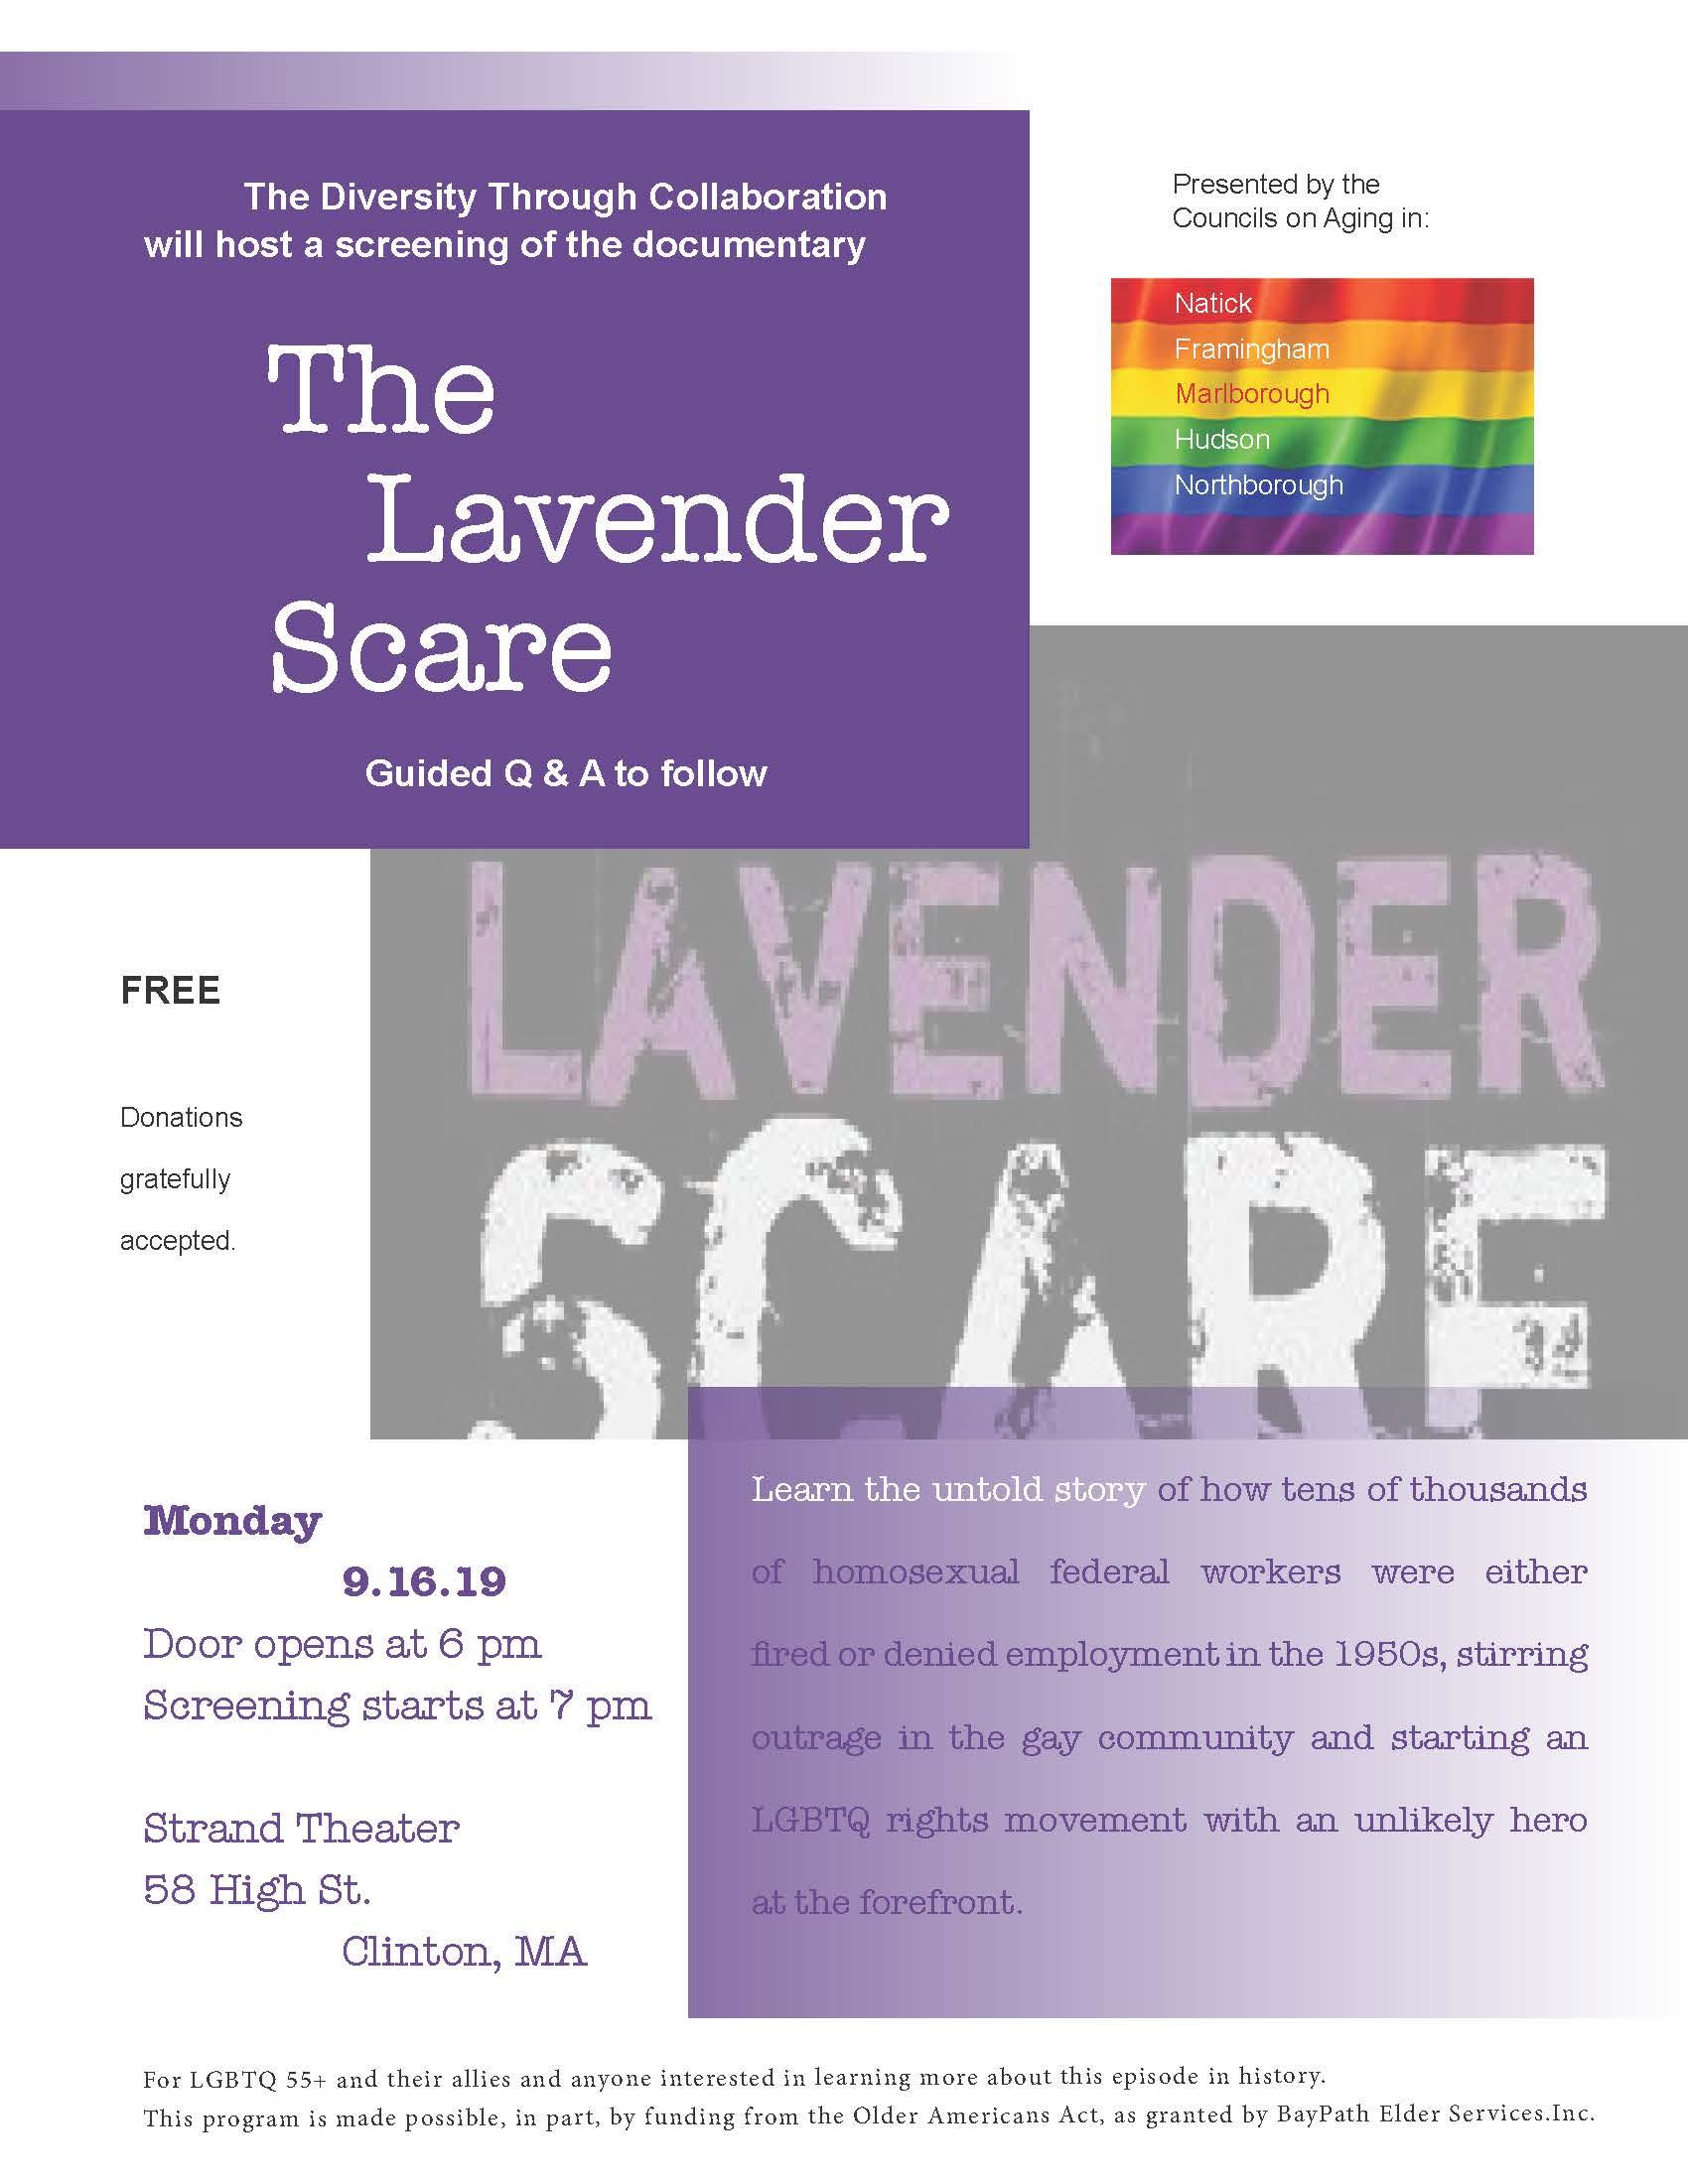 Lavender scare poster v.6i BF FINALVERSION.jpg